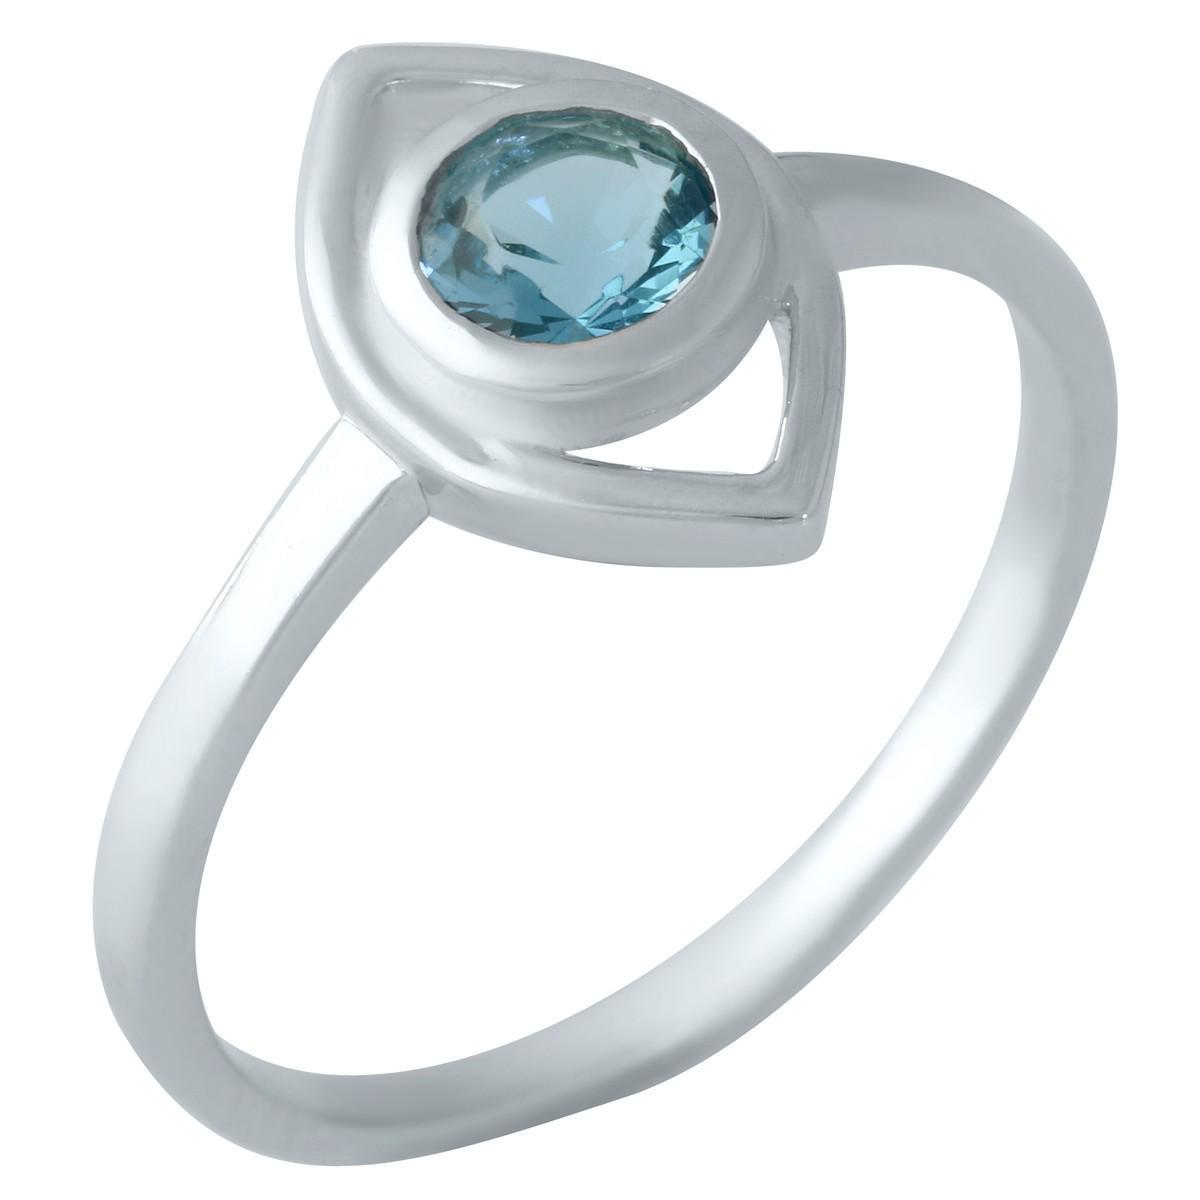 Серебряное кольцо pSilverAlex с натуральным топазом Лондон Блю (1959435) 18 размер